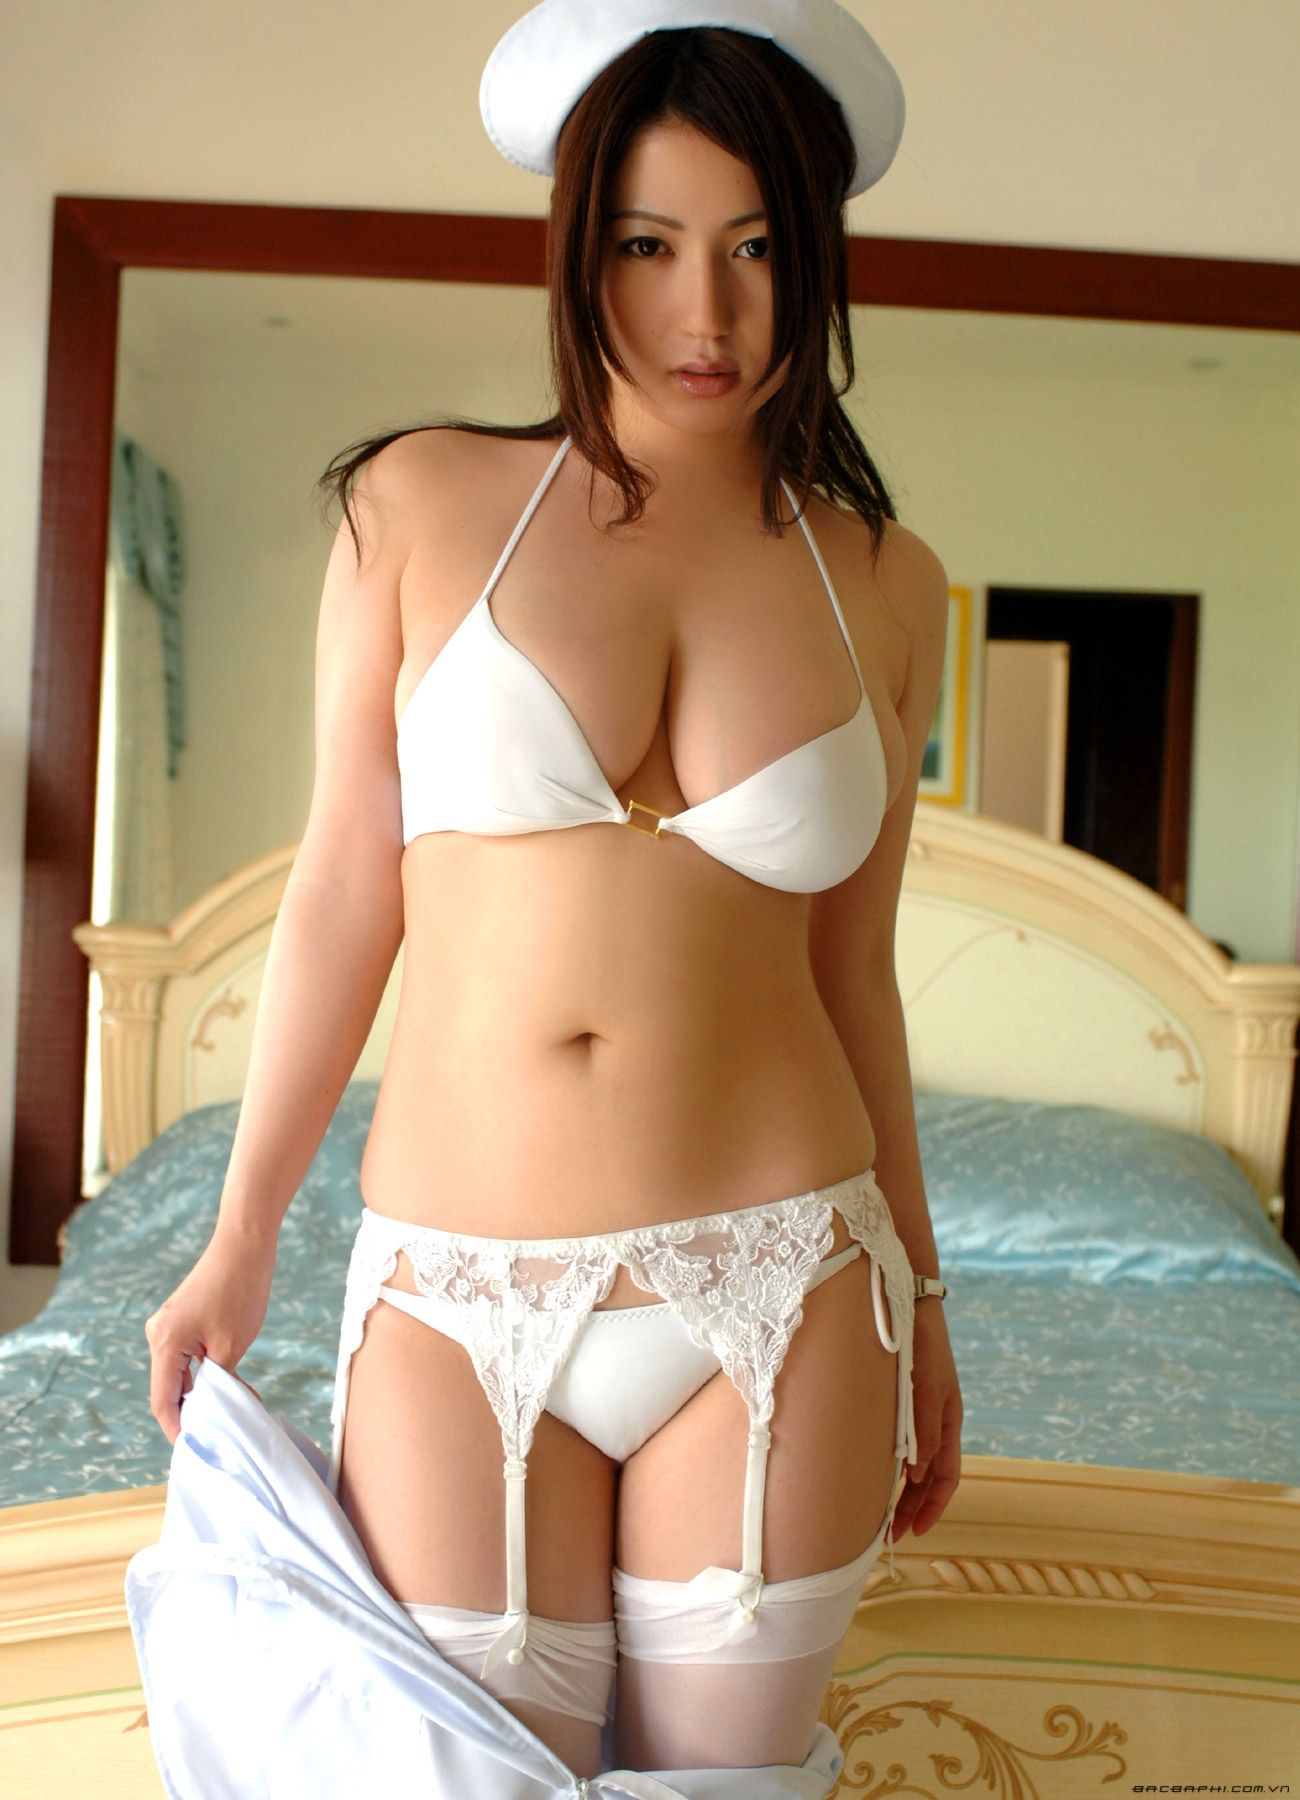 Top porn models nude